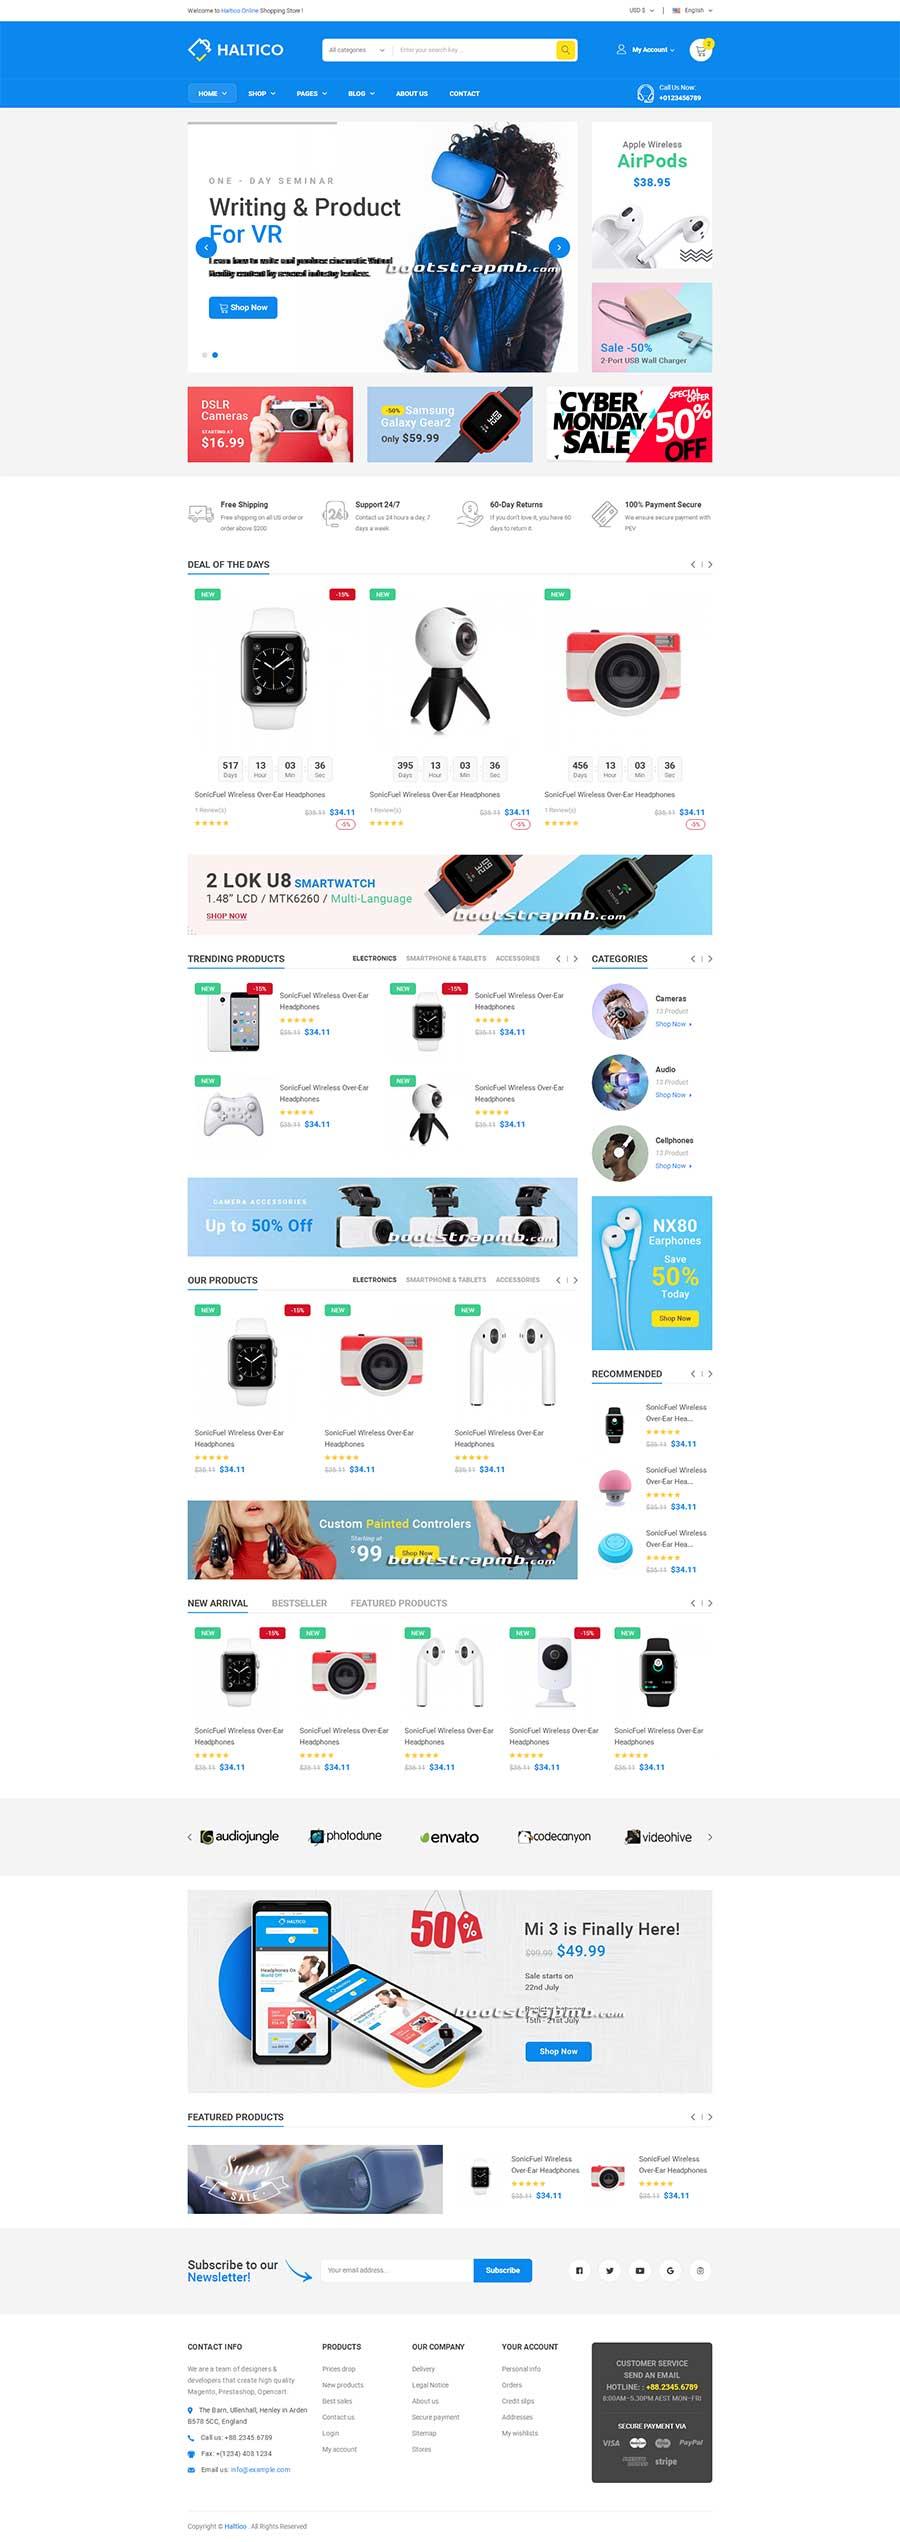 蓝色精美的Bootstrap4响应式电子数码商城网站模板